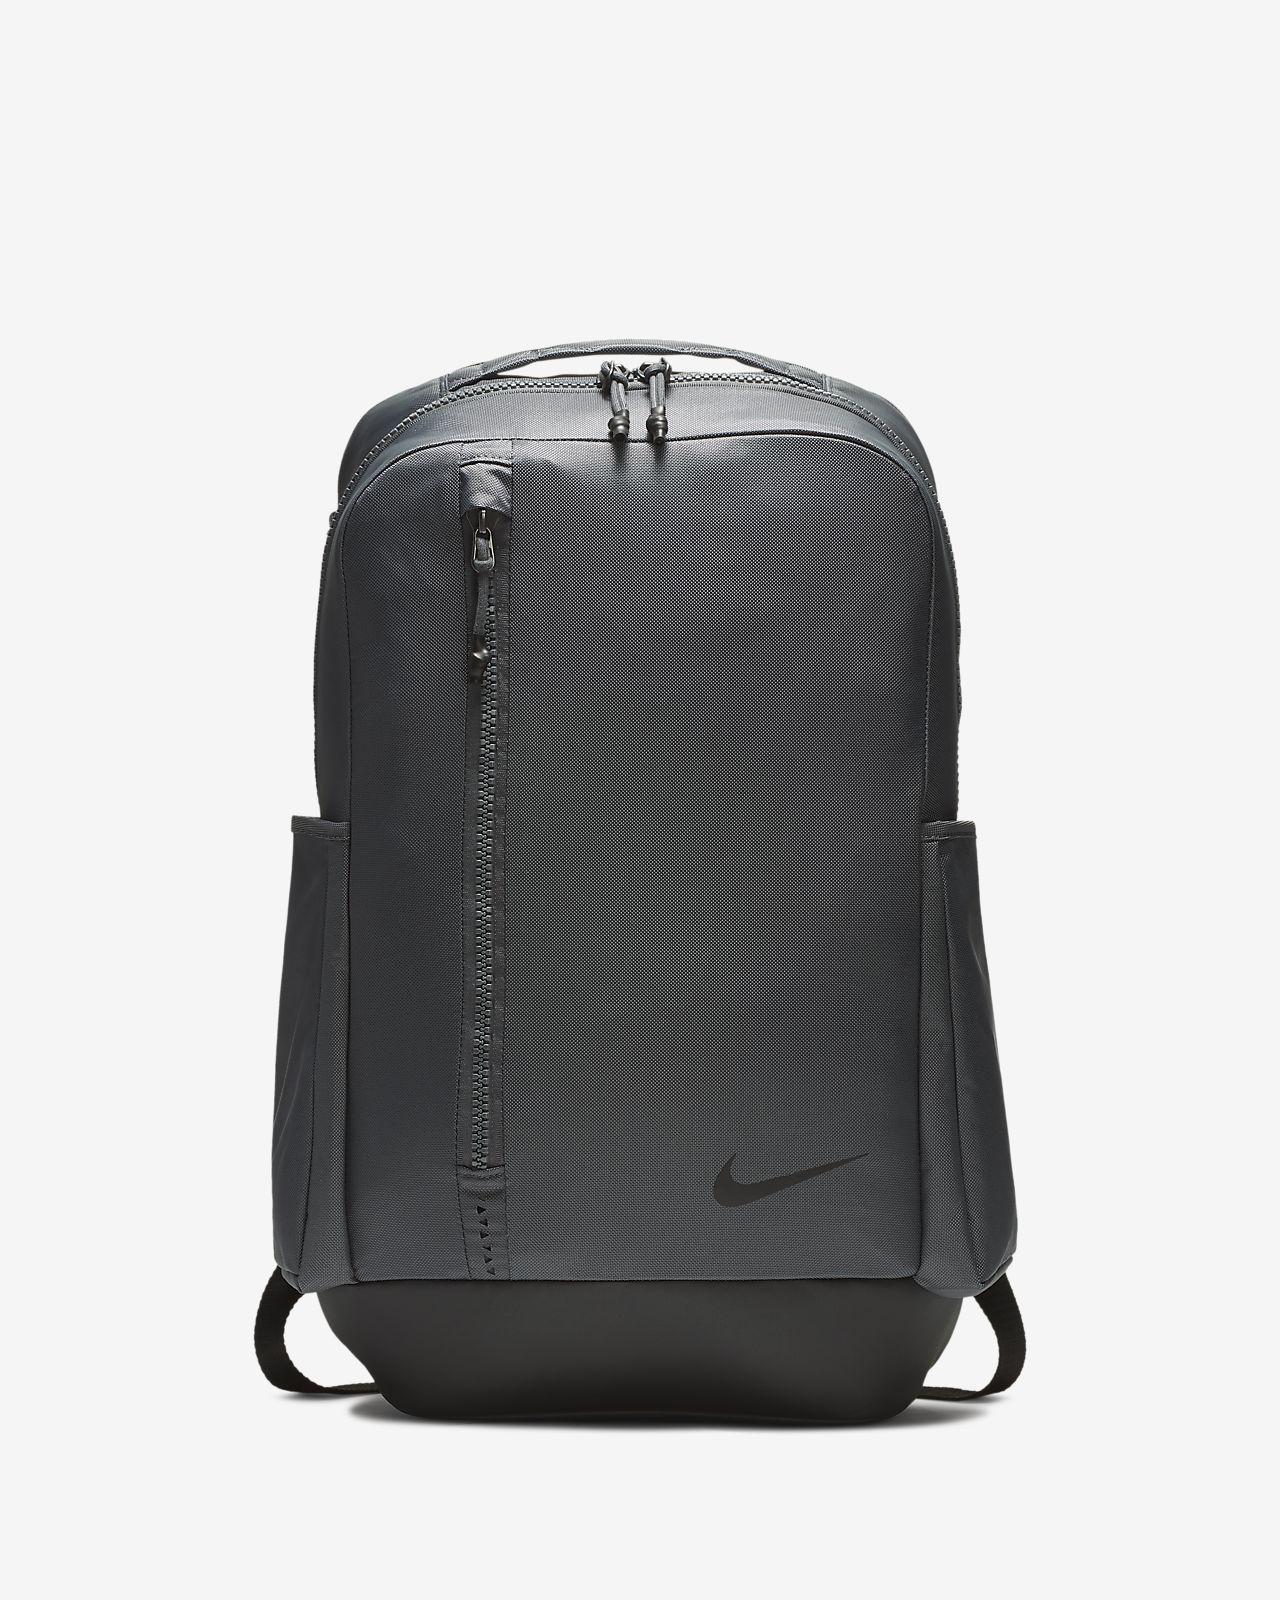 Träningsryggsäck Nike Vapor Power 2.0